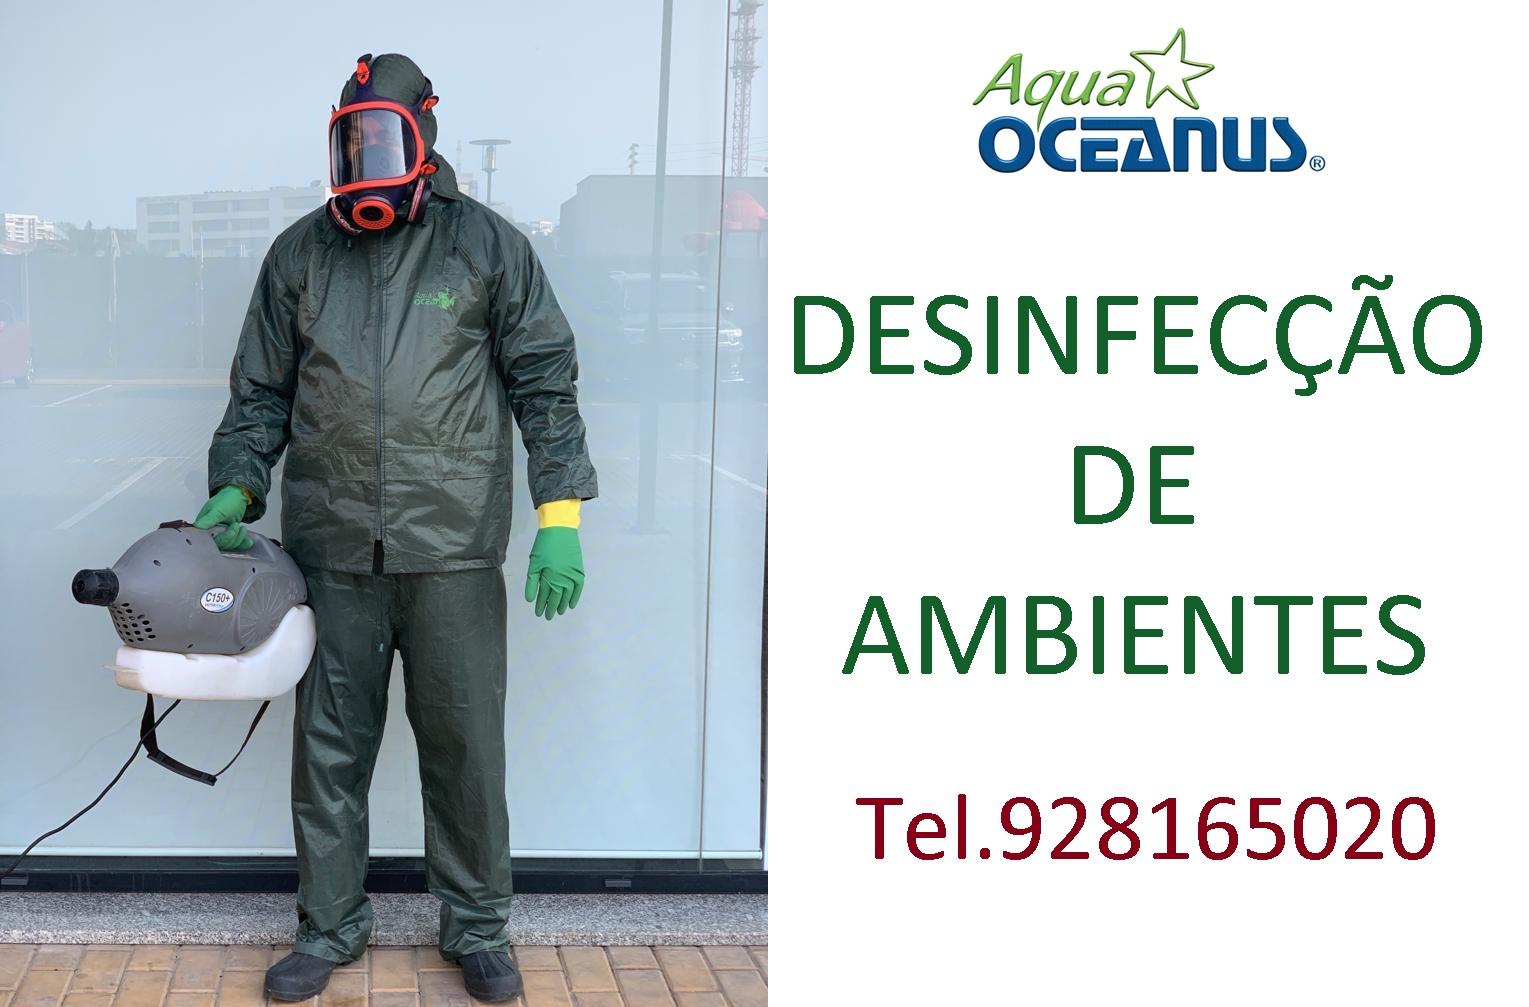 DESINFECÇÃO AQUA-OCEANUS